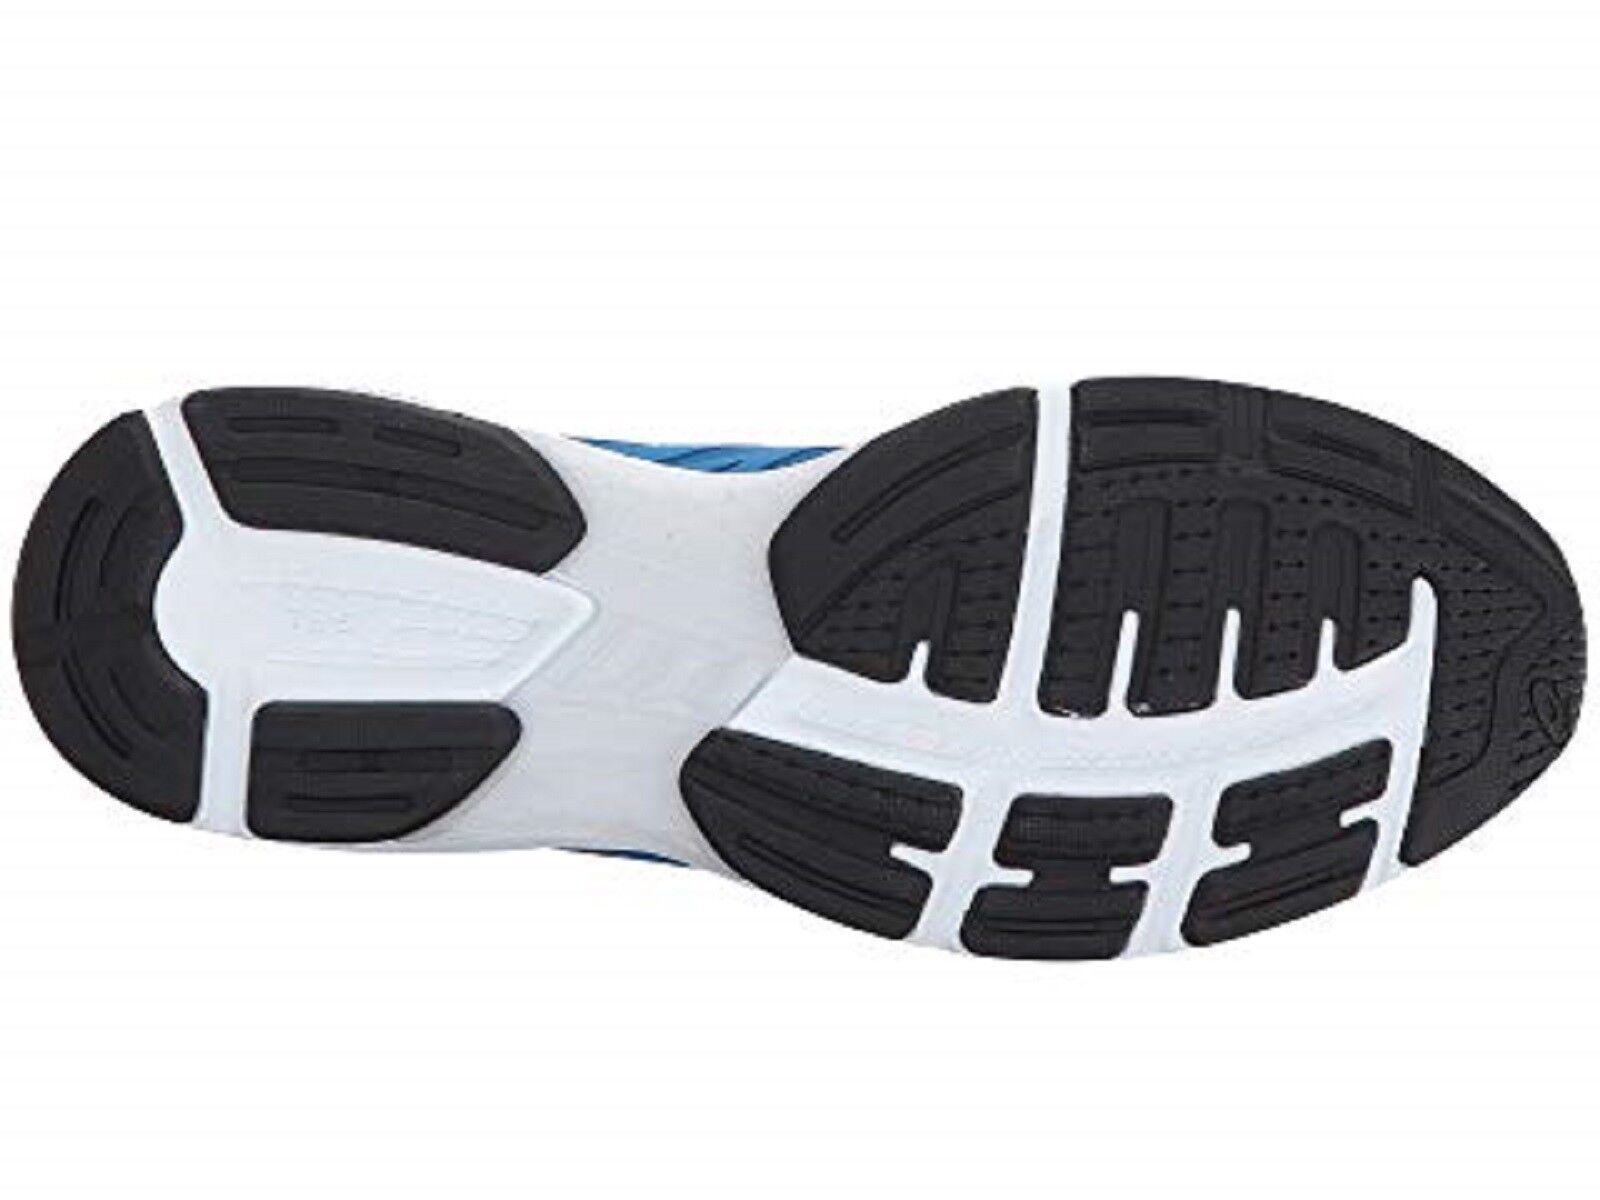 wholesale dealer e0252 aed37 ... Un nuovo equilibrio mw928hn3 scarpe da ginnastica uomo uomo uomo numero  14 4e - 2057e7